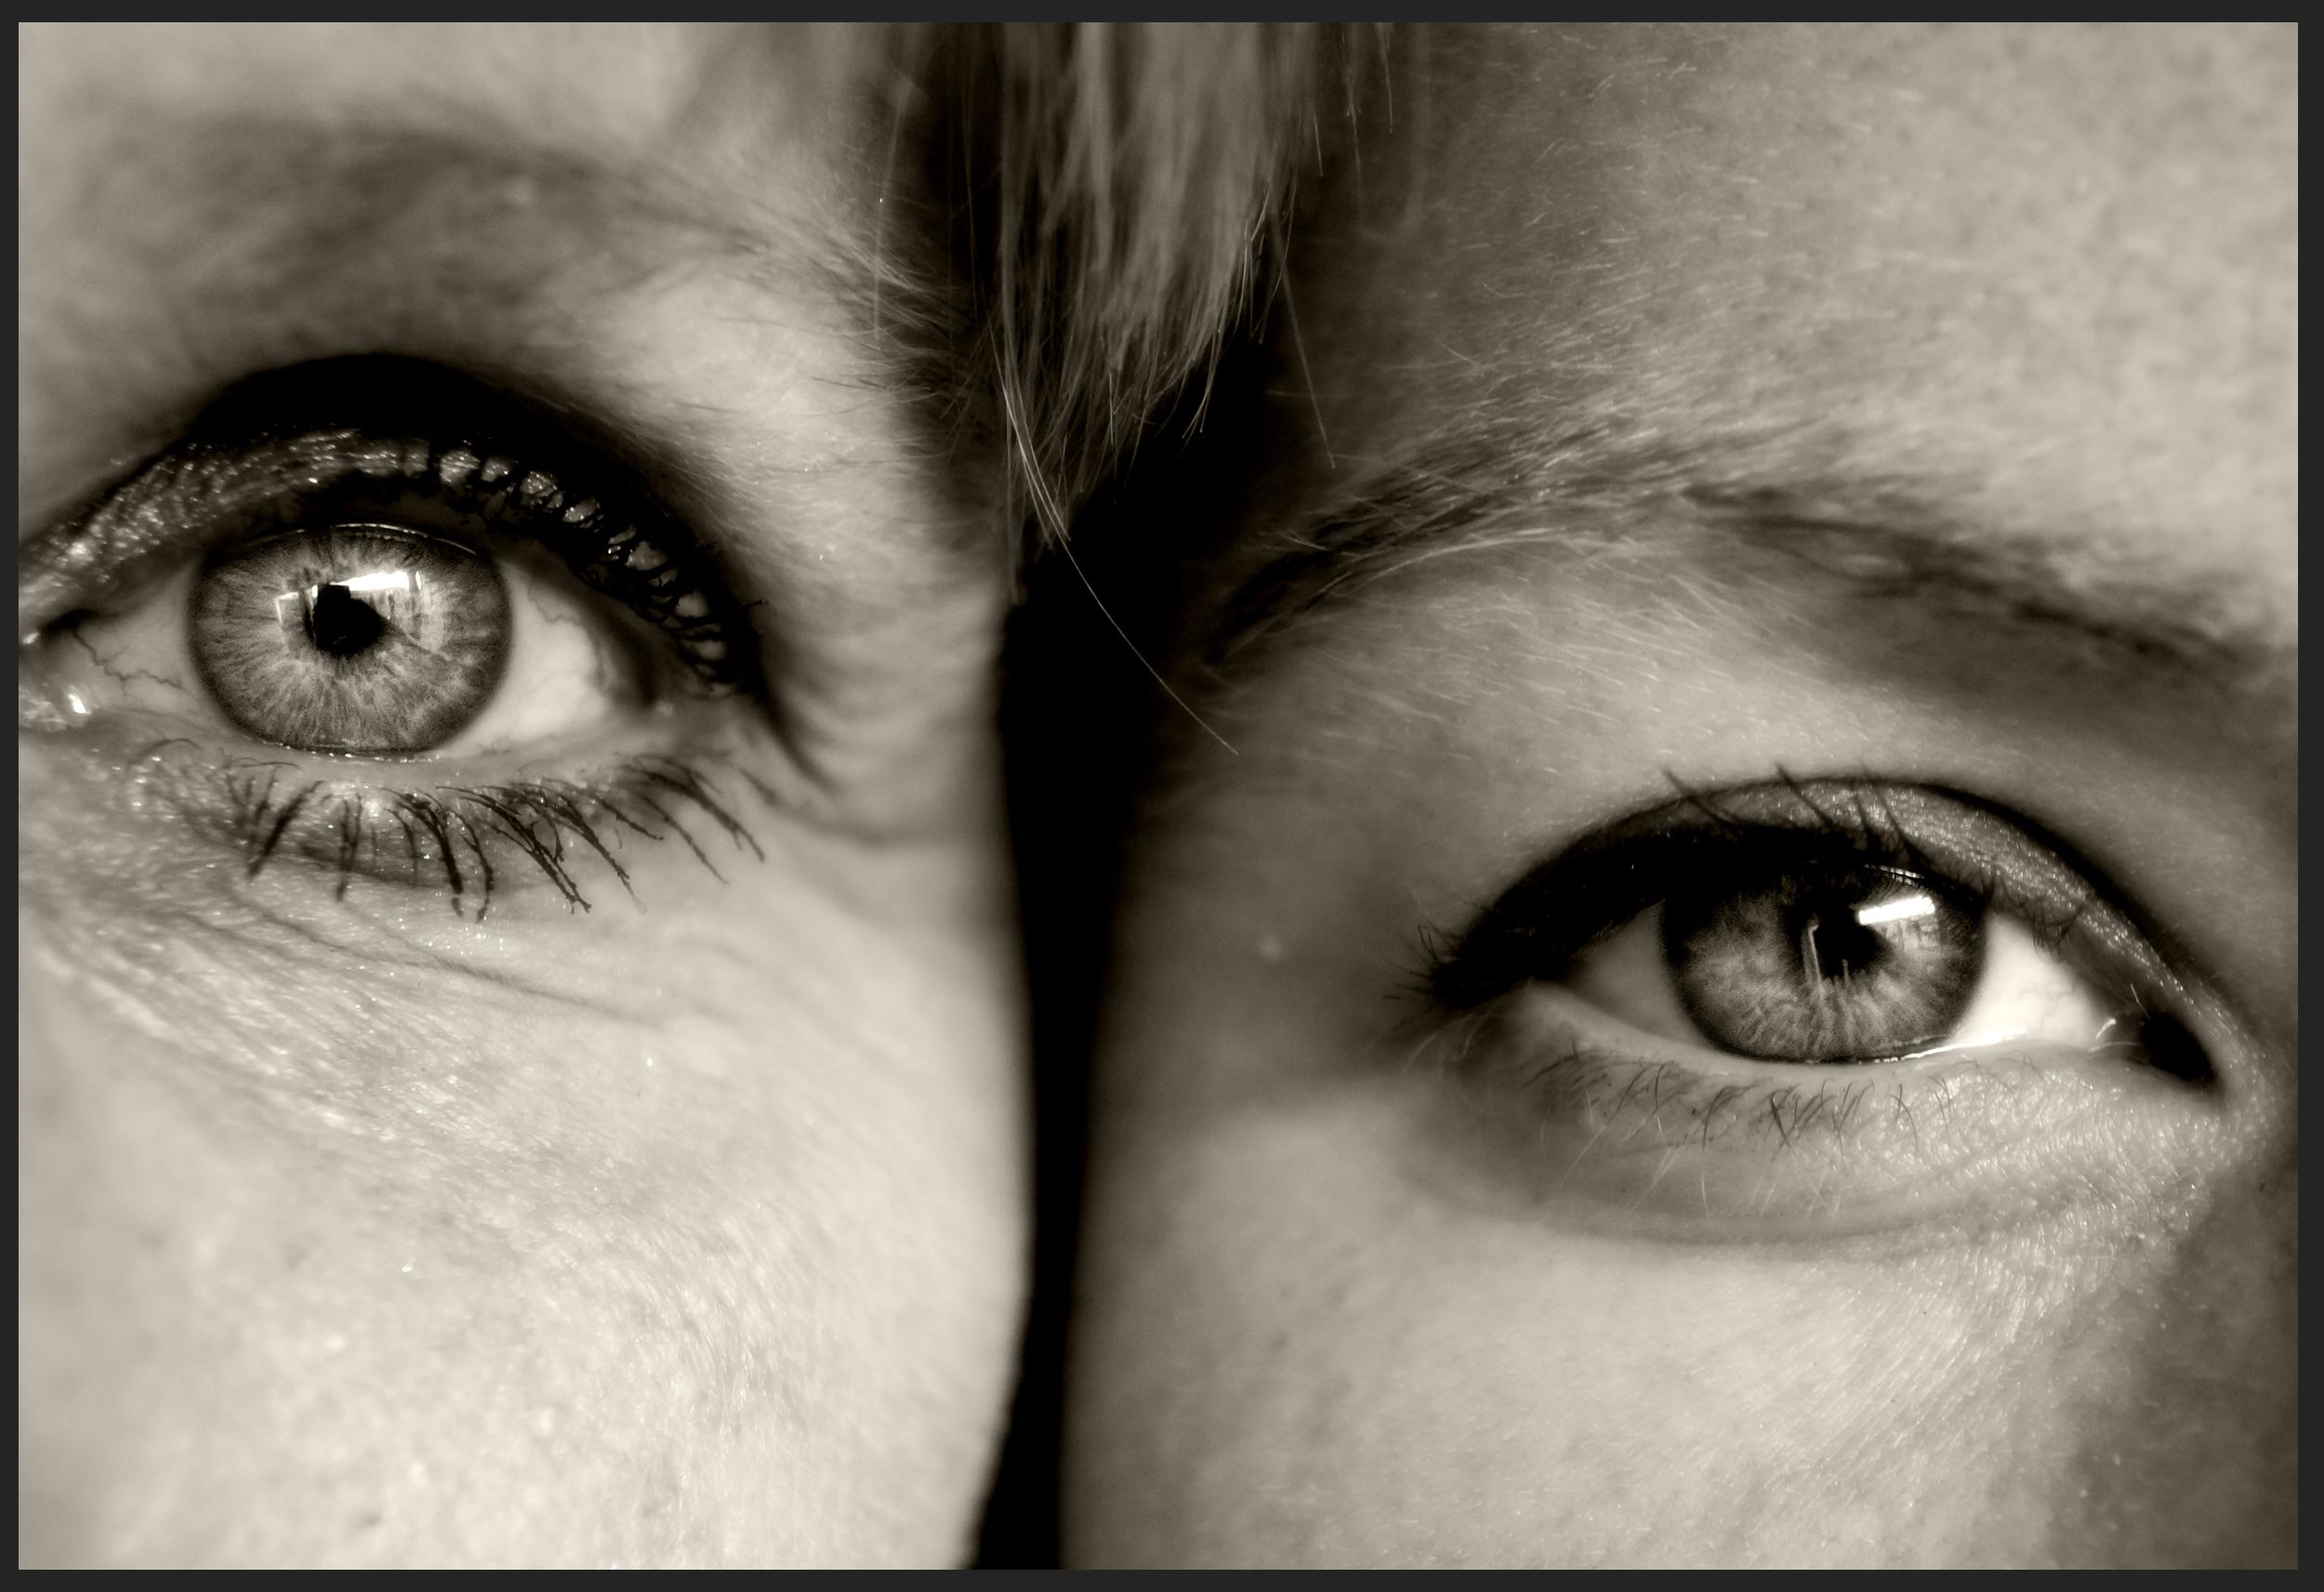 Mother vs Daughter Eye by SweediesArt